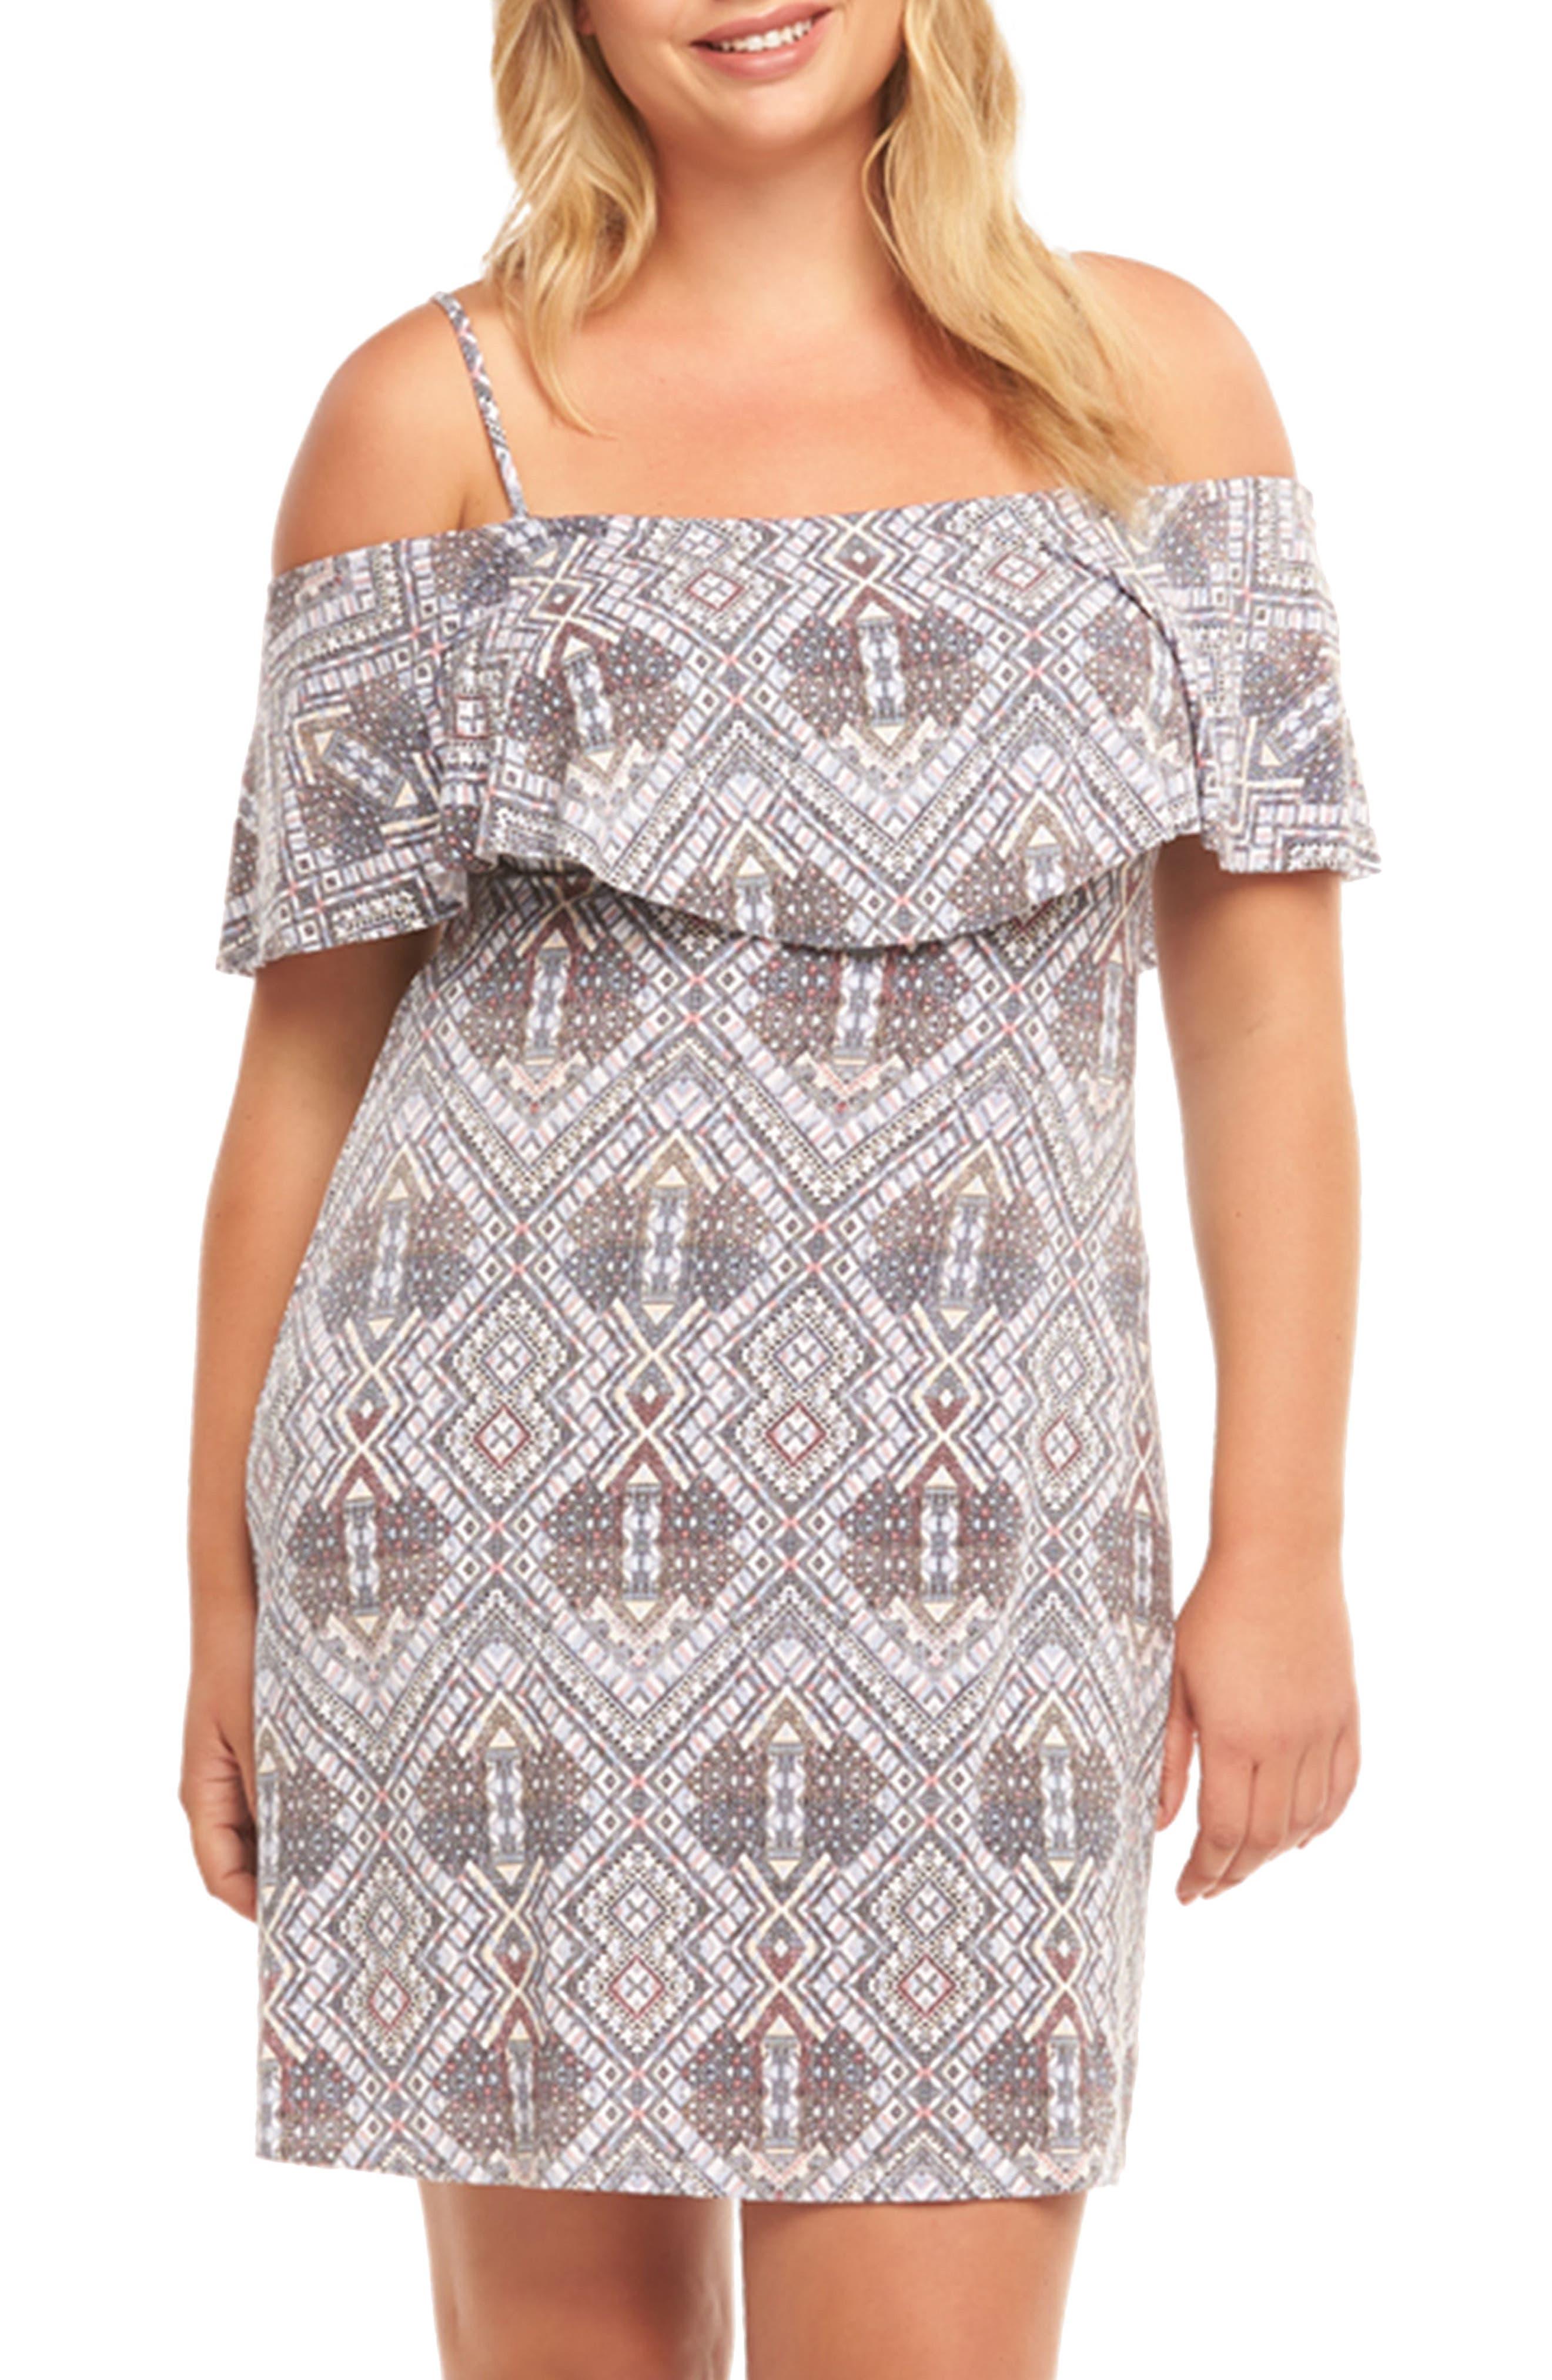 Tacita Ruffle Bodice Cold Shoulder Dress,                         Main,                         color, Multi Geo Lattice Swatch